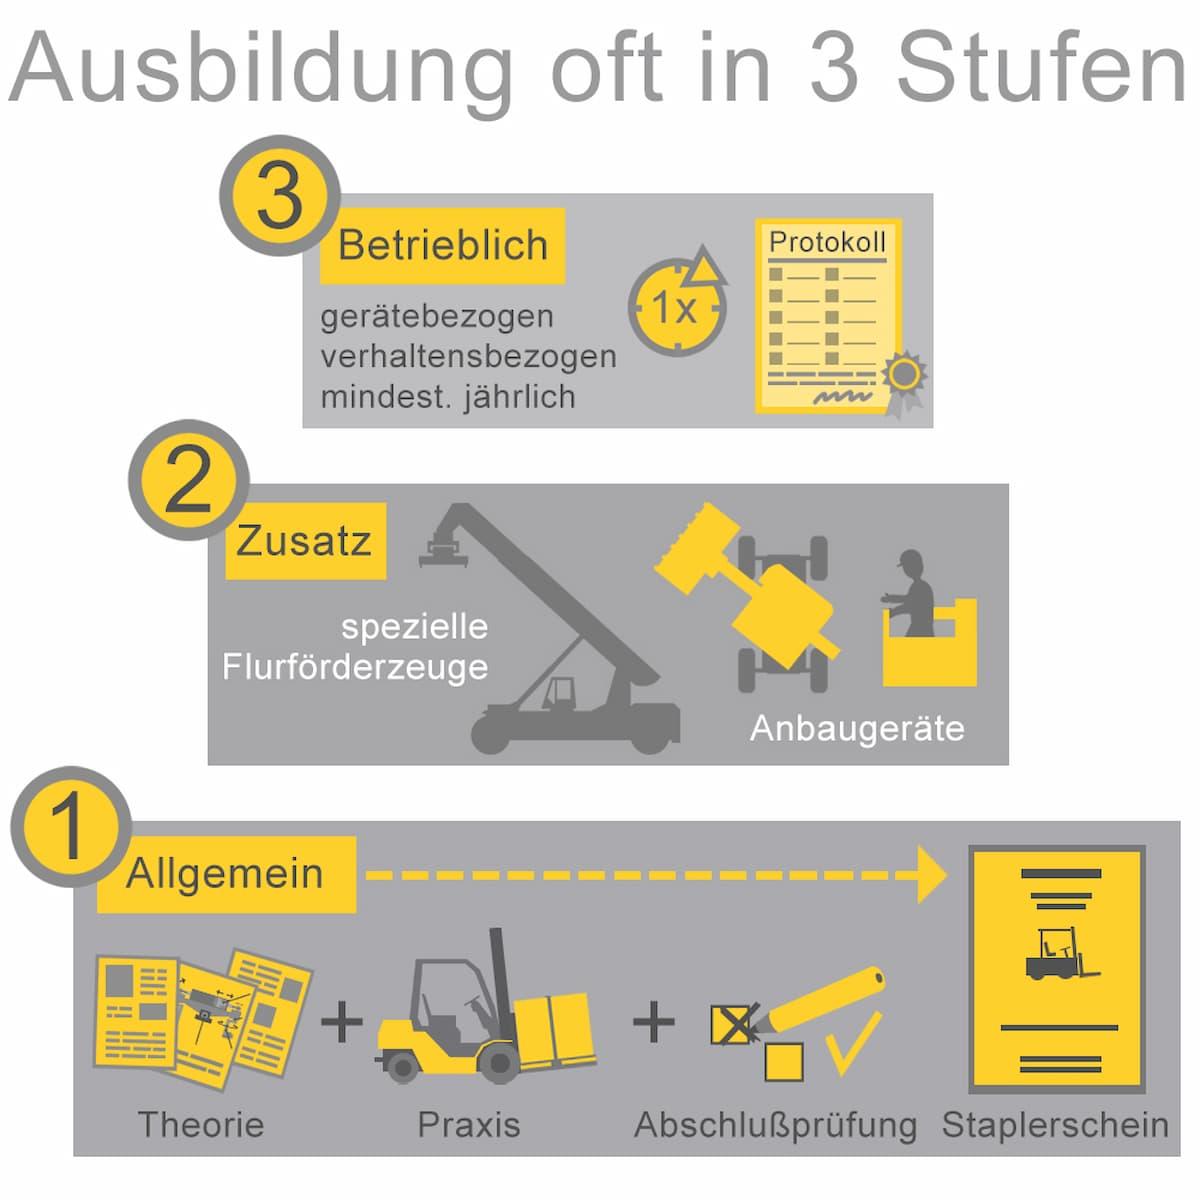 Stapler und Flurförderzeuge: Ausbildung in Stufen